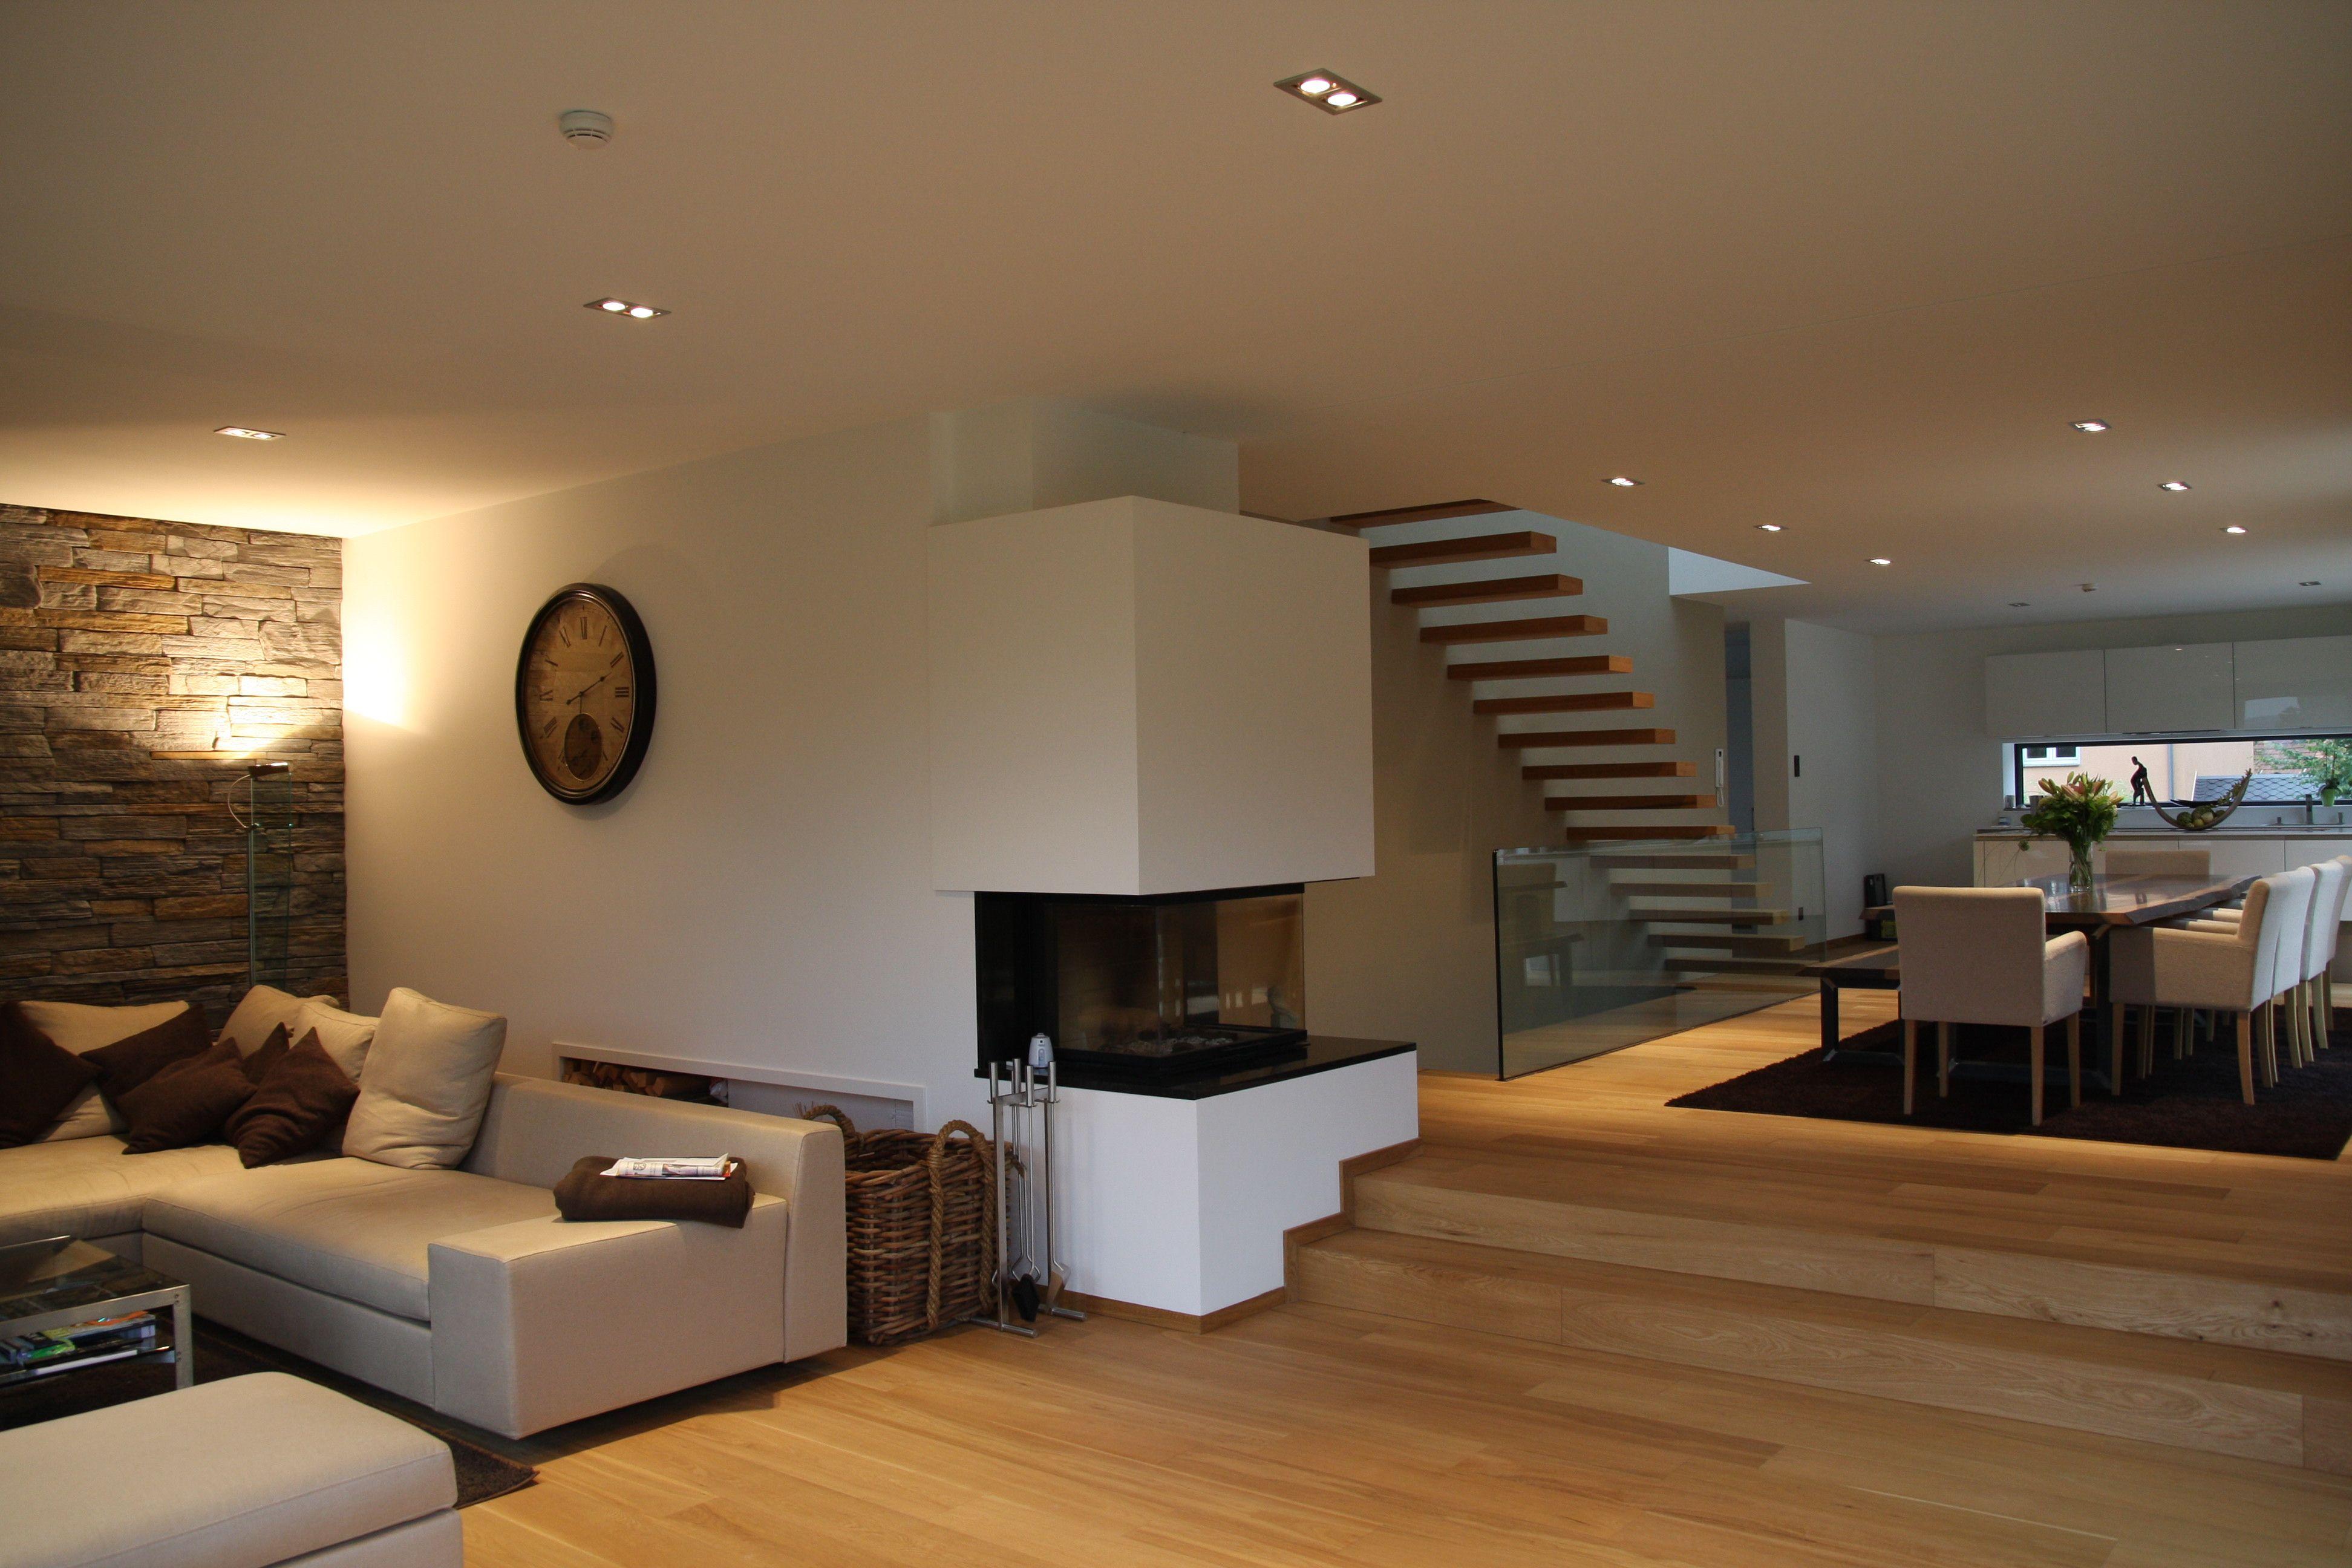 Offener wohnbereich inneneinrichtung pinterest for Modernes haus wohnzimmer